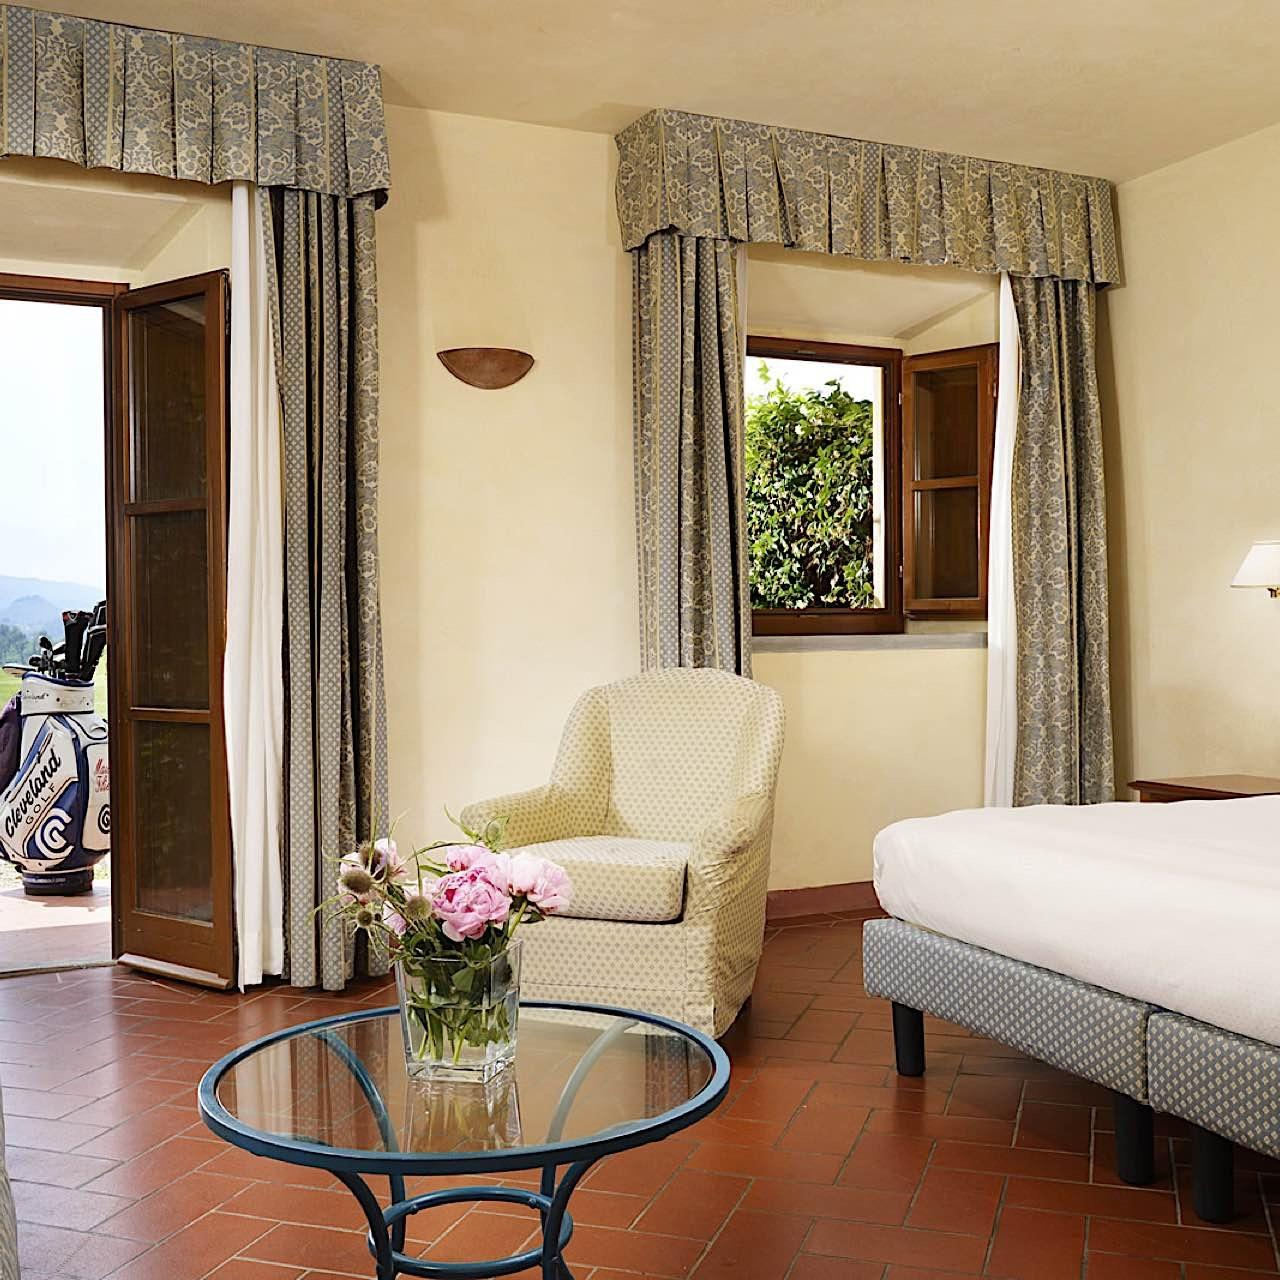 Executive Room | Poggio dei Medici Toscana